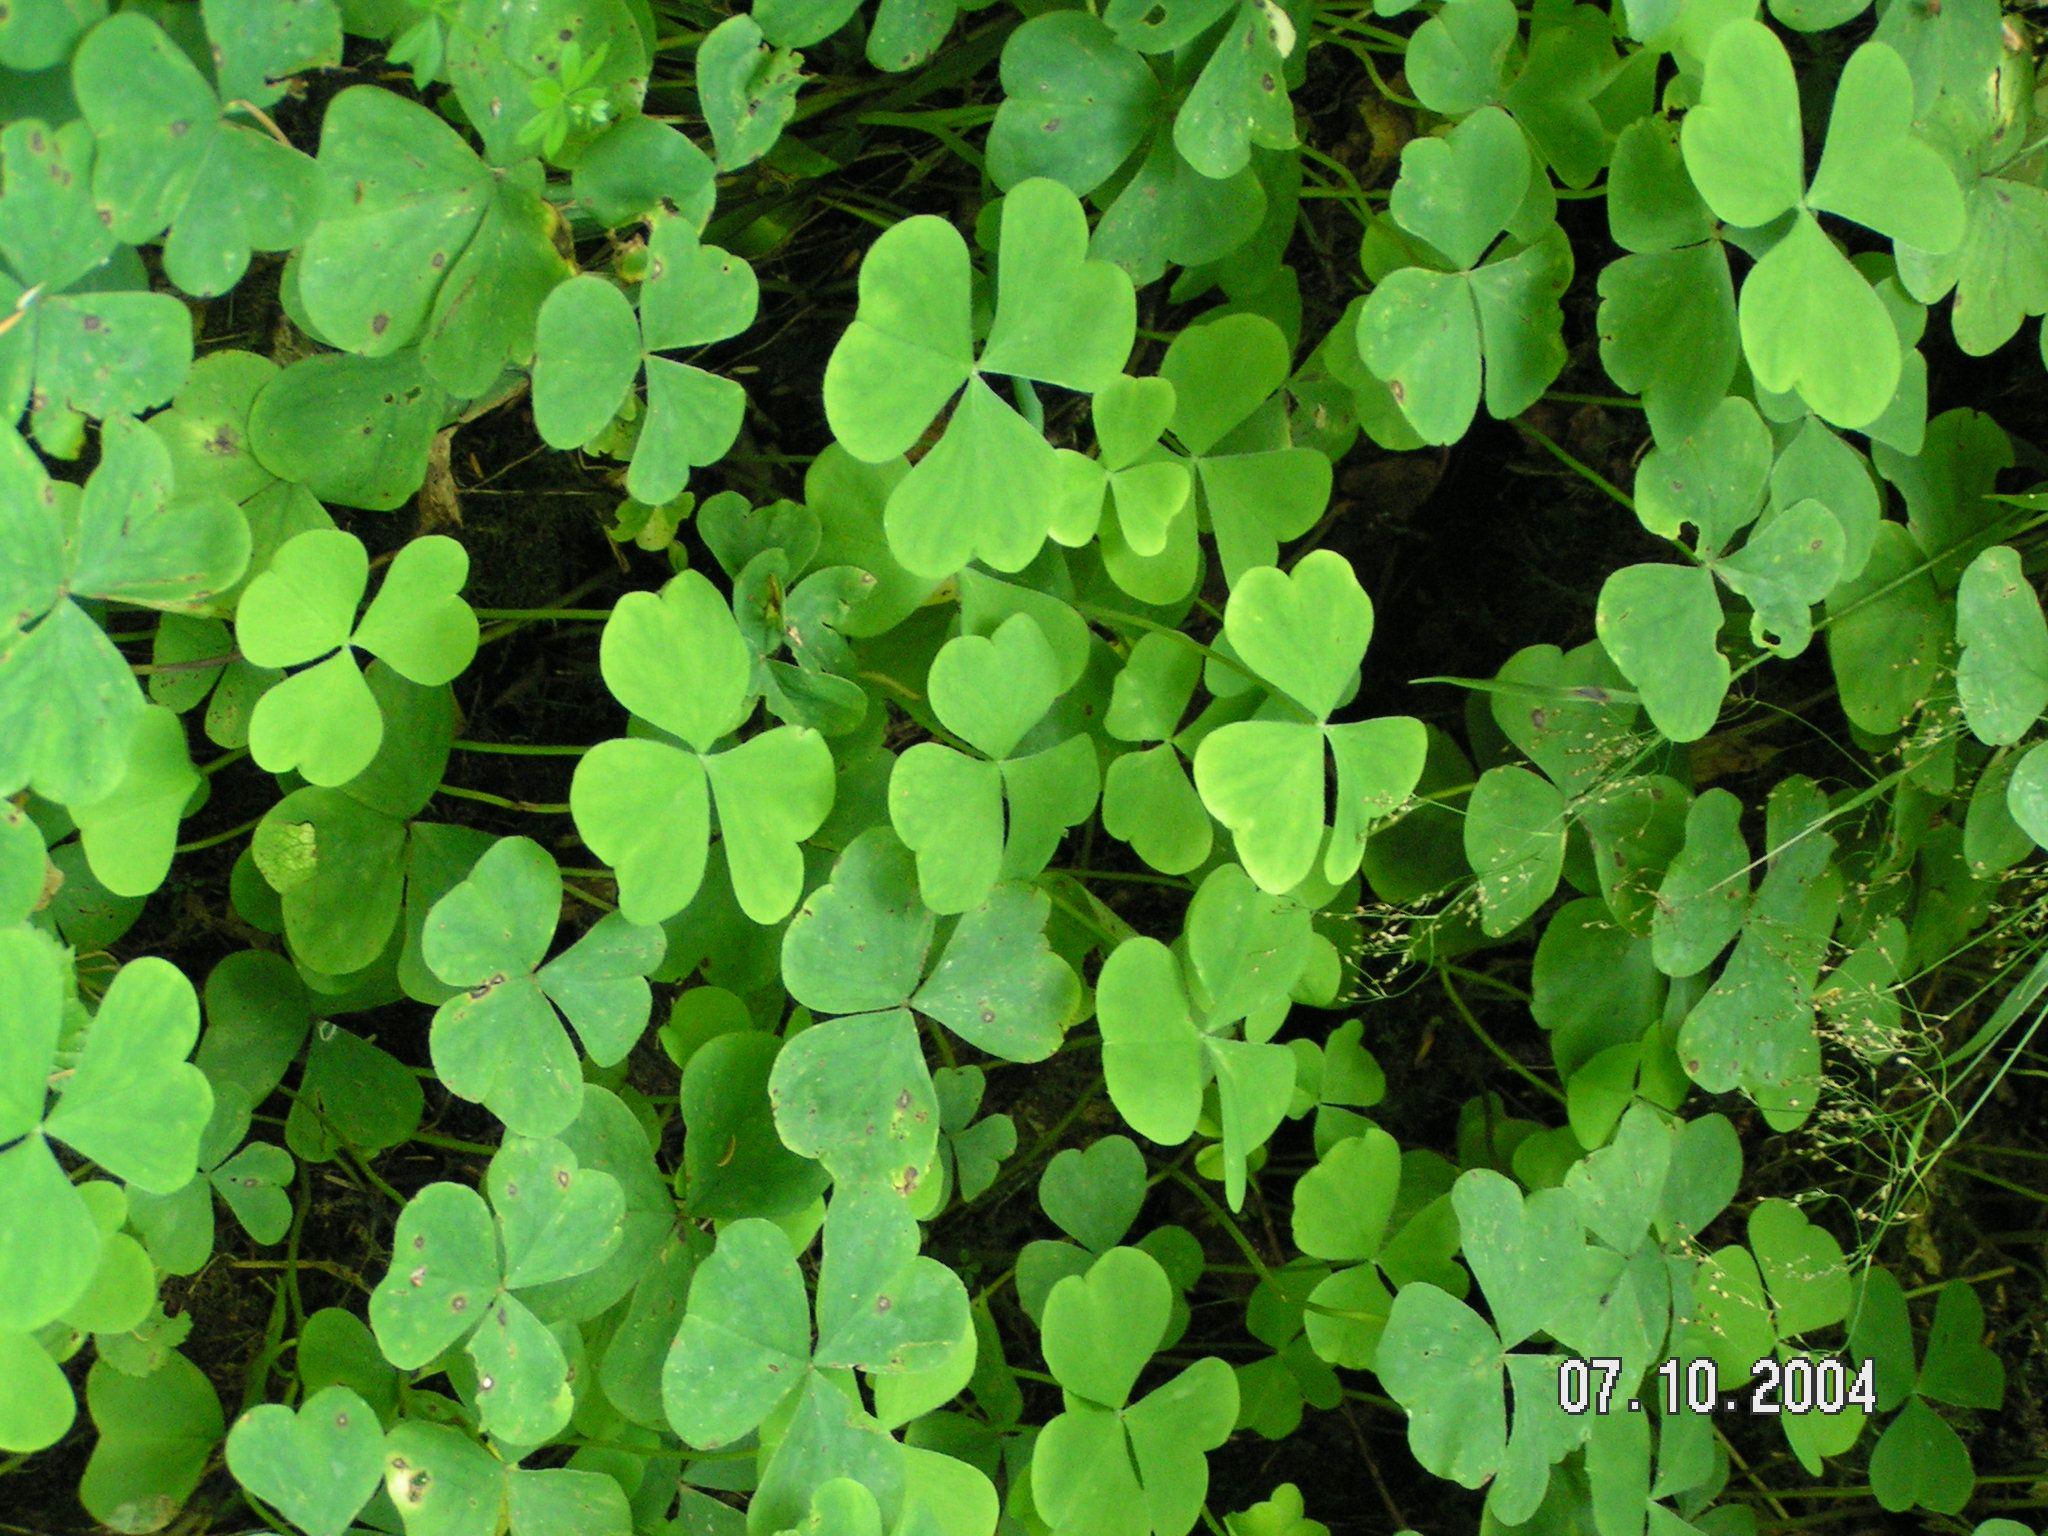 Happy St. Patrick's Day! Erin go bragh, Day, Patrick